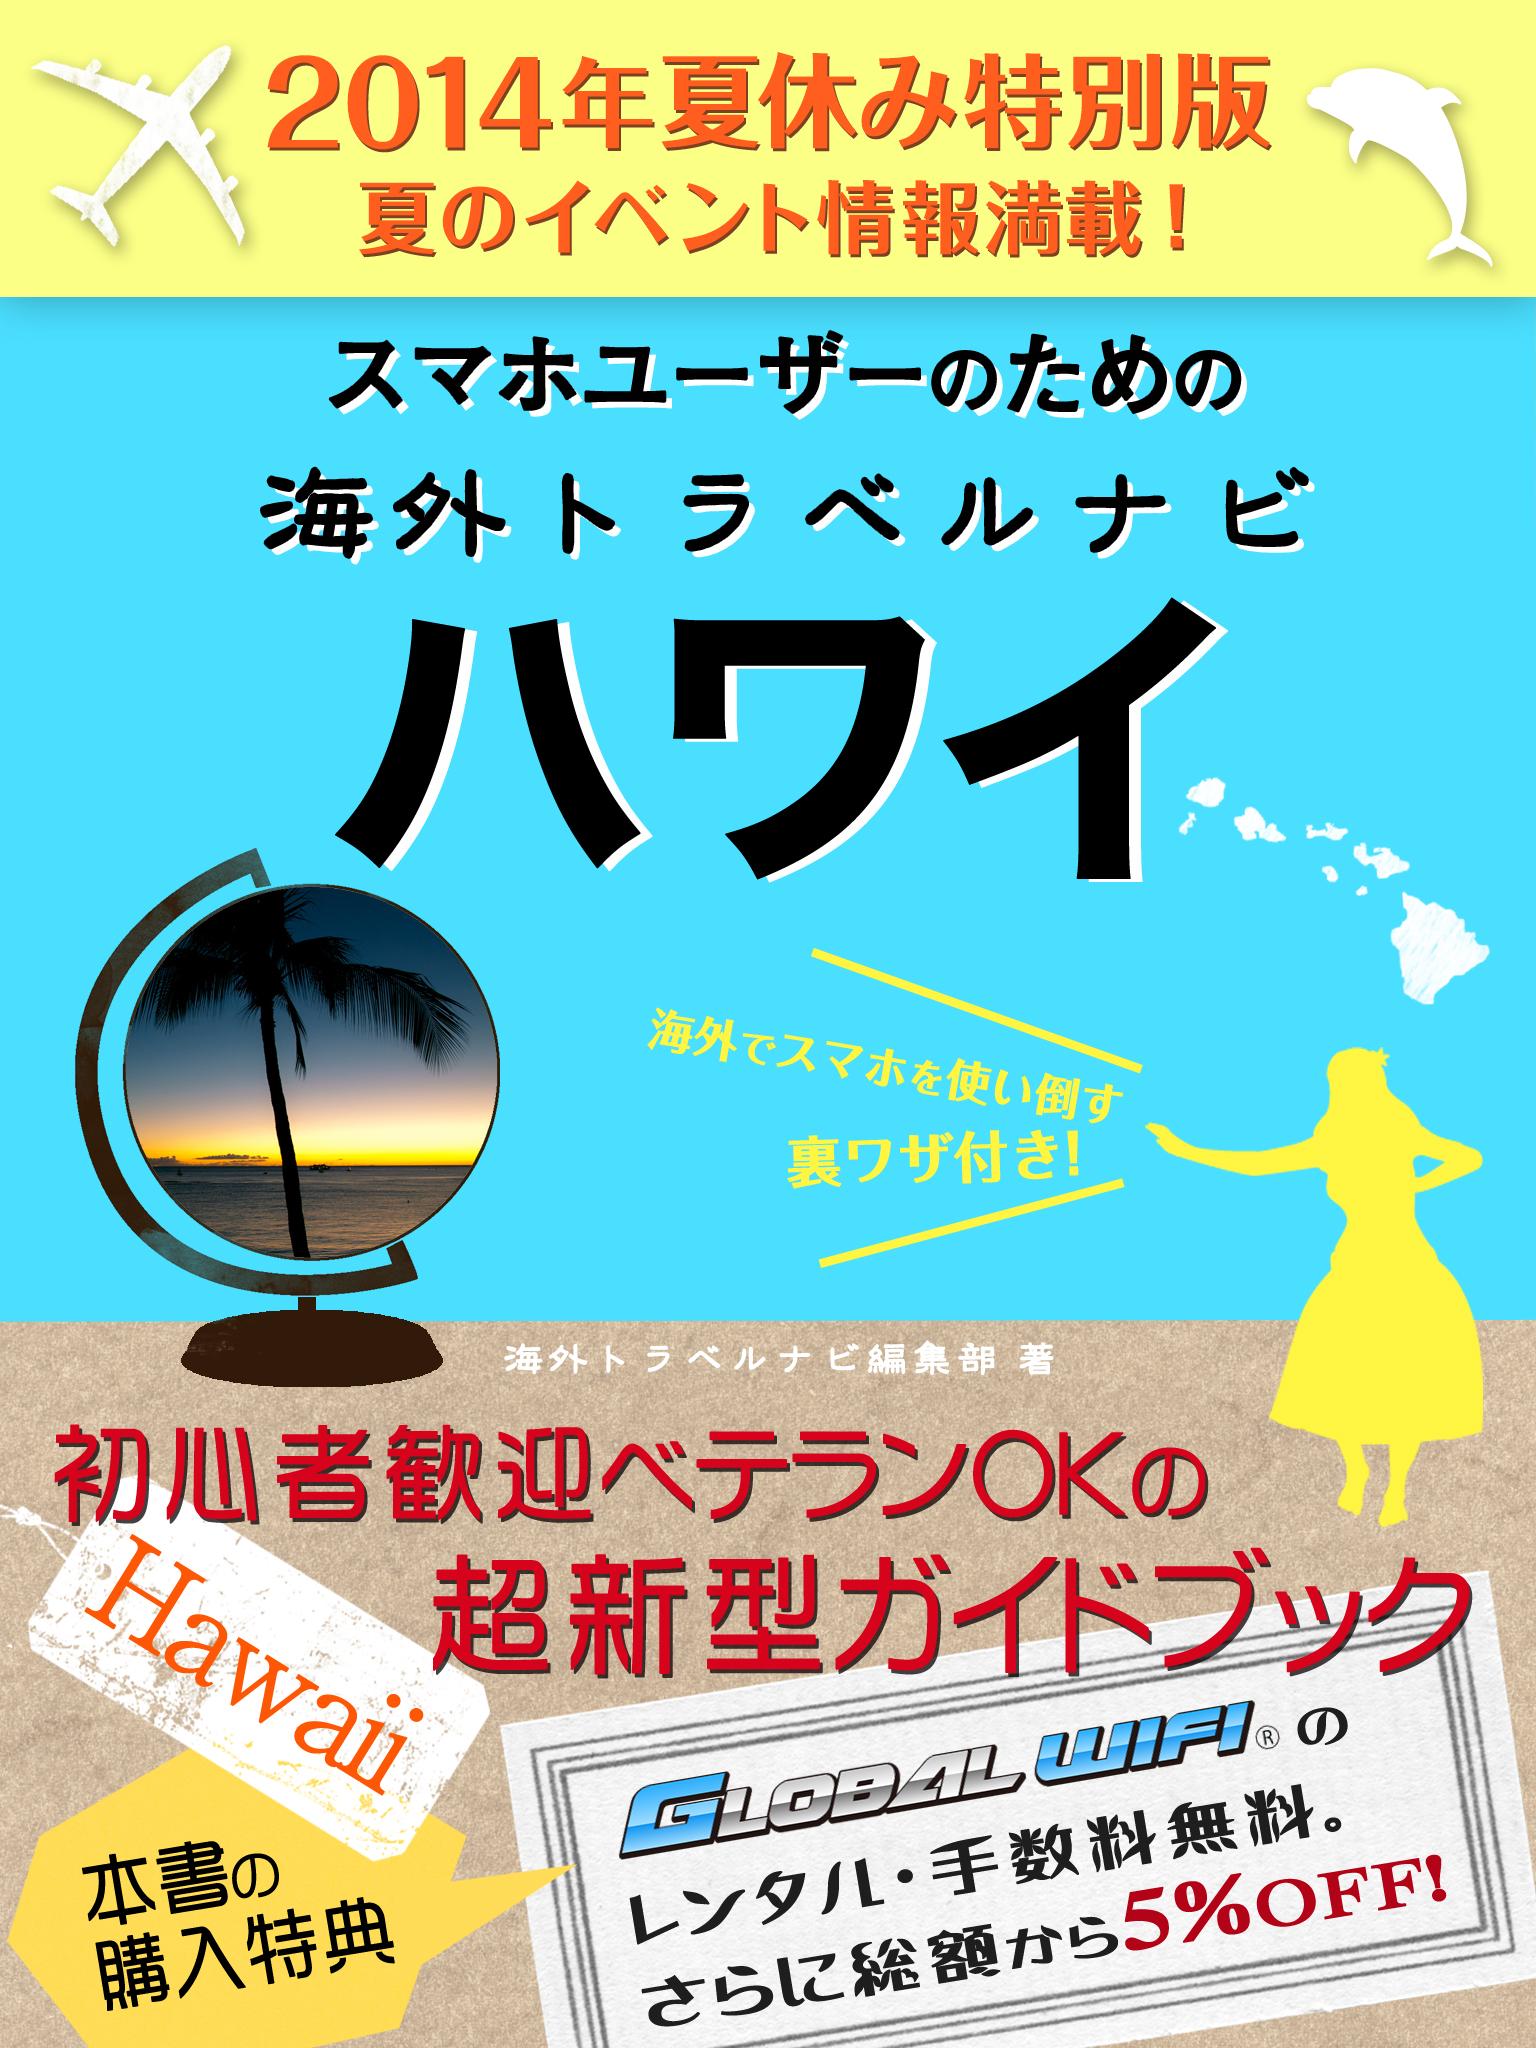 【2014年夏休み特別版】スマホユーザーのための海外トラベルナビ ハワイ